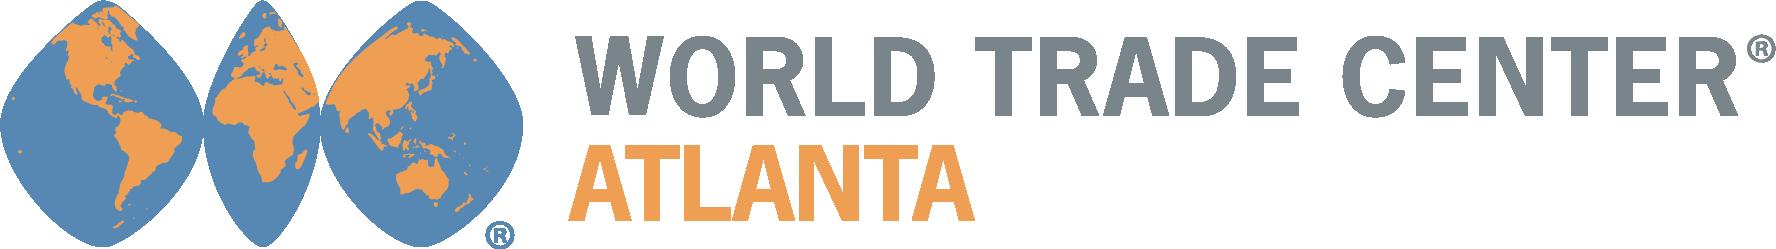 WTC Atlanta Logo